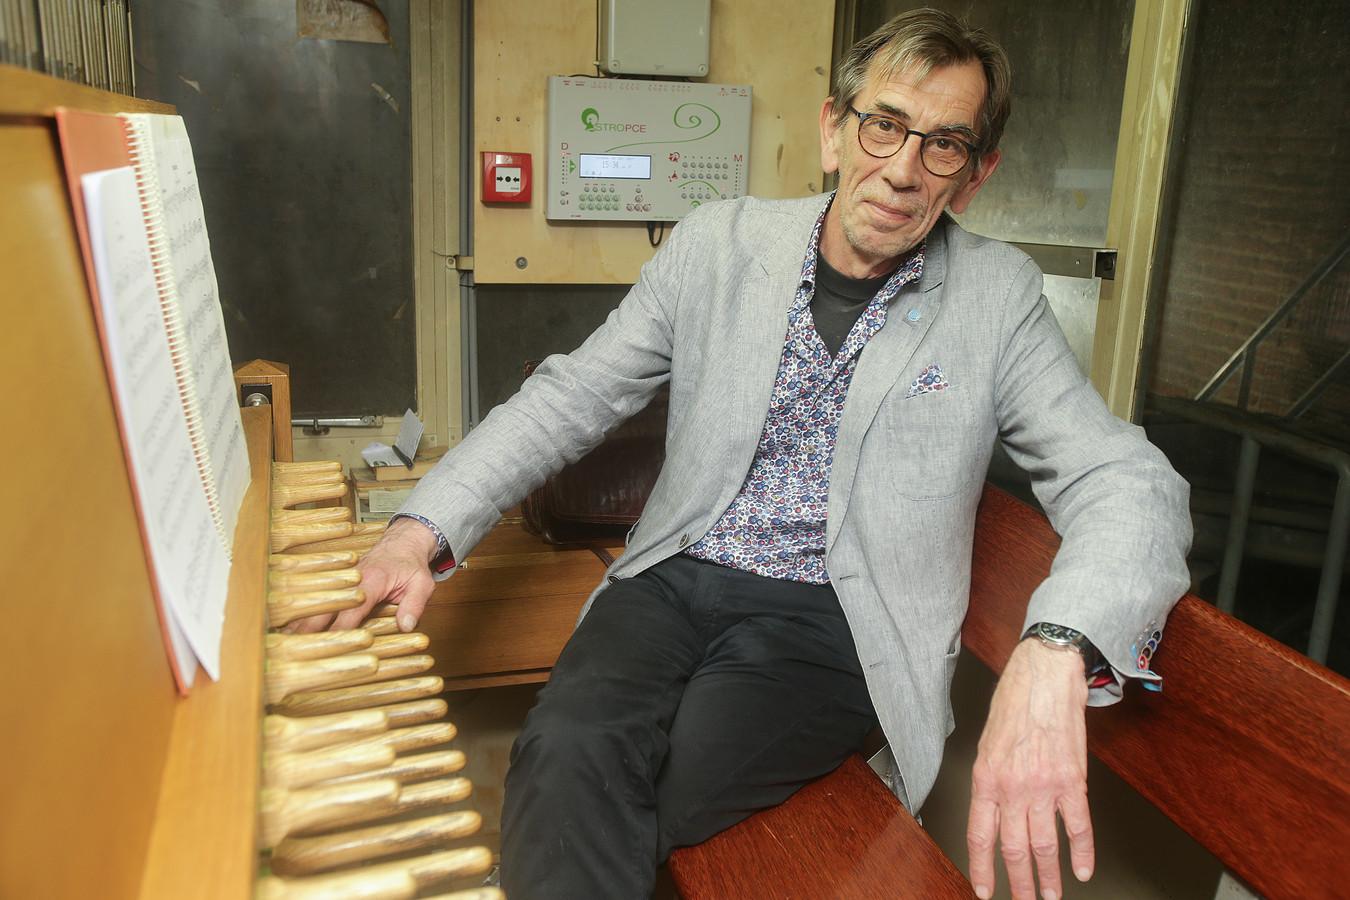 Stadsbeiaardier Henny Blom speelt deze maand elke maandagochtend verzoeknummers op het carillon in de Grote Toren.